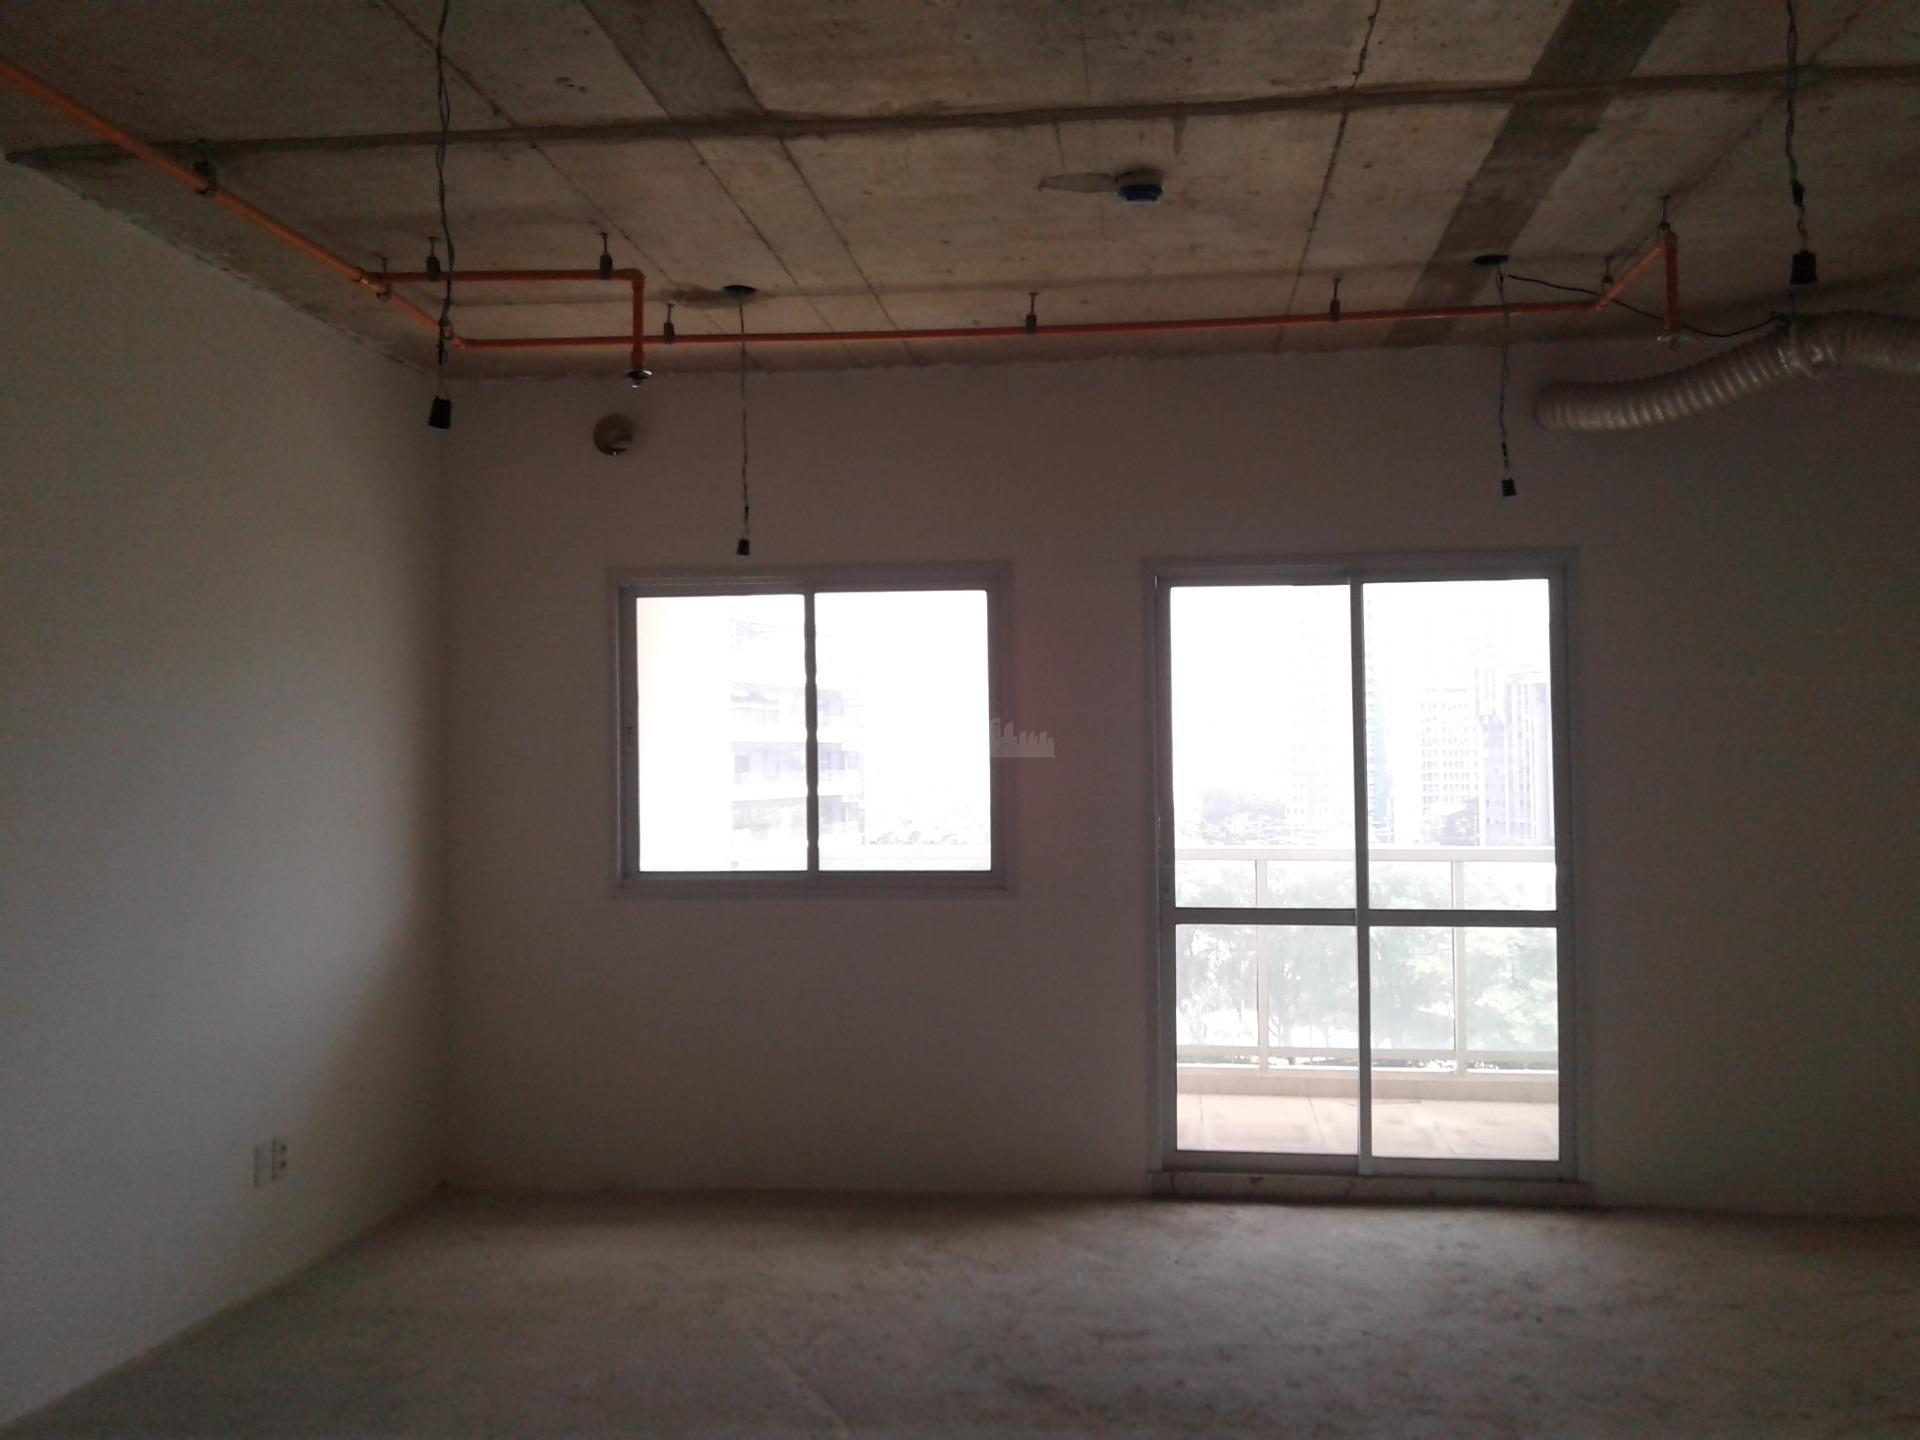 sala comercial da forma como a construtora entregou com estrutura para receber piso elevado, ar-condicionado e...